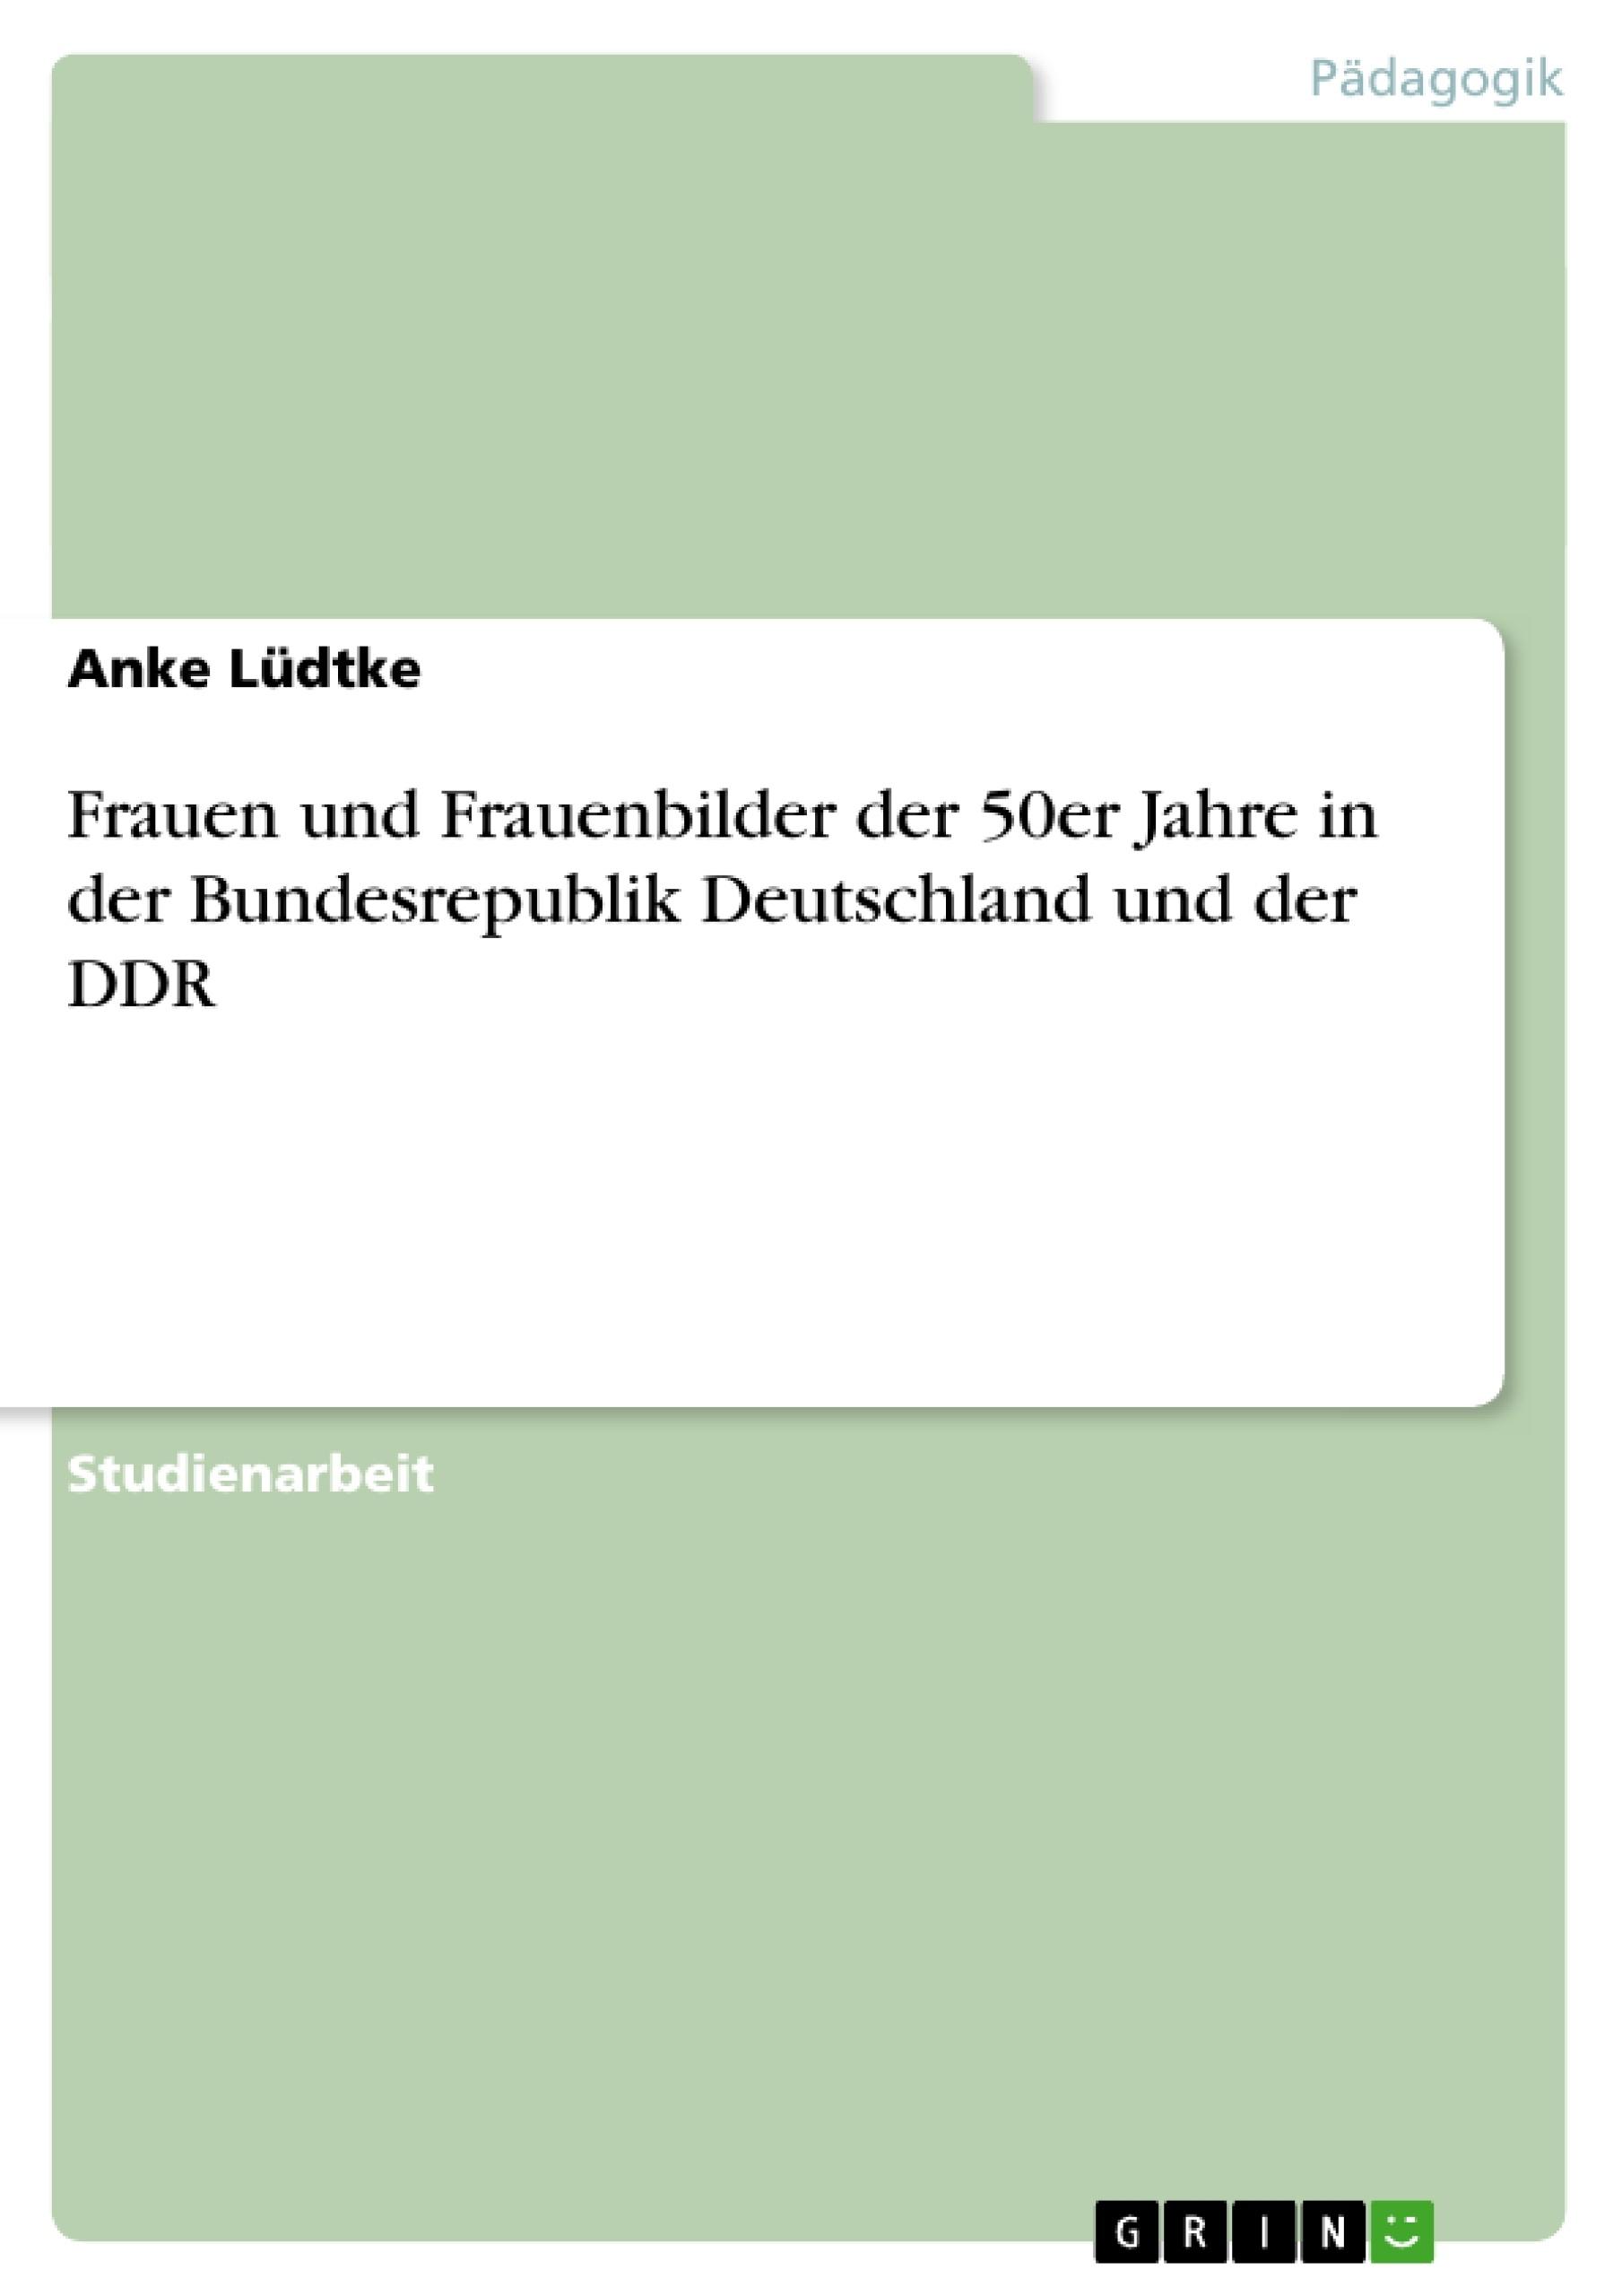 Titel: Frauen und Frauenbilder der 50er Jahre in der Bundesrepublik Deutschland und der DDR